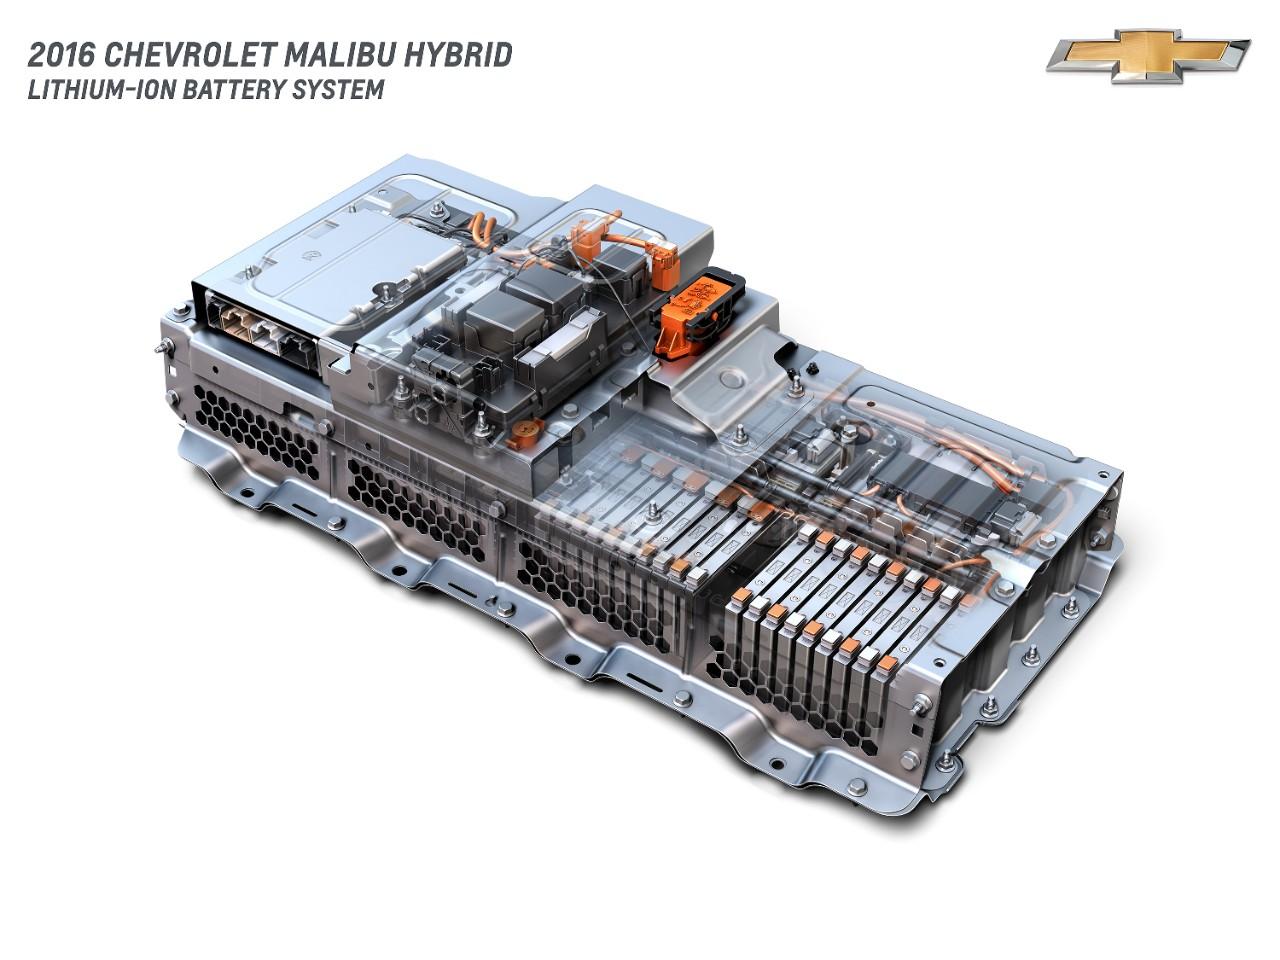 2016 Chevrolet Malibu Hybrid battery